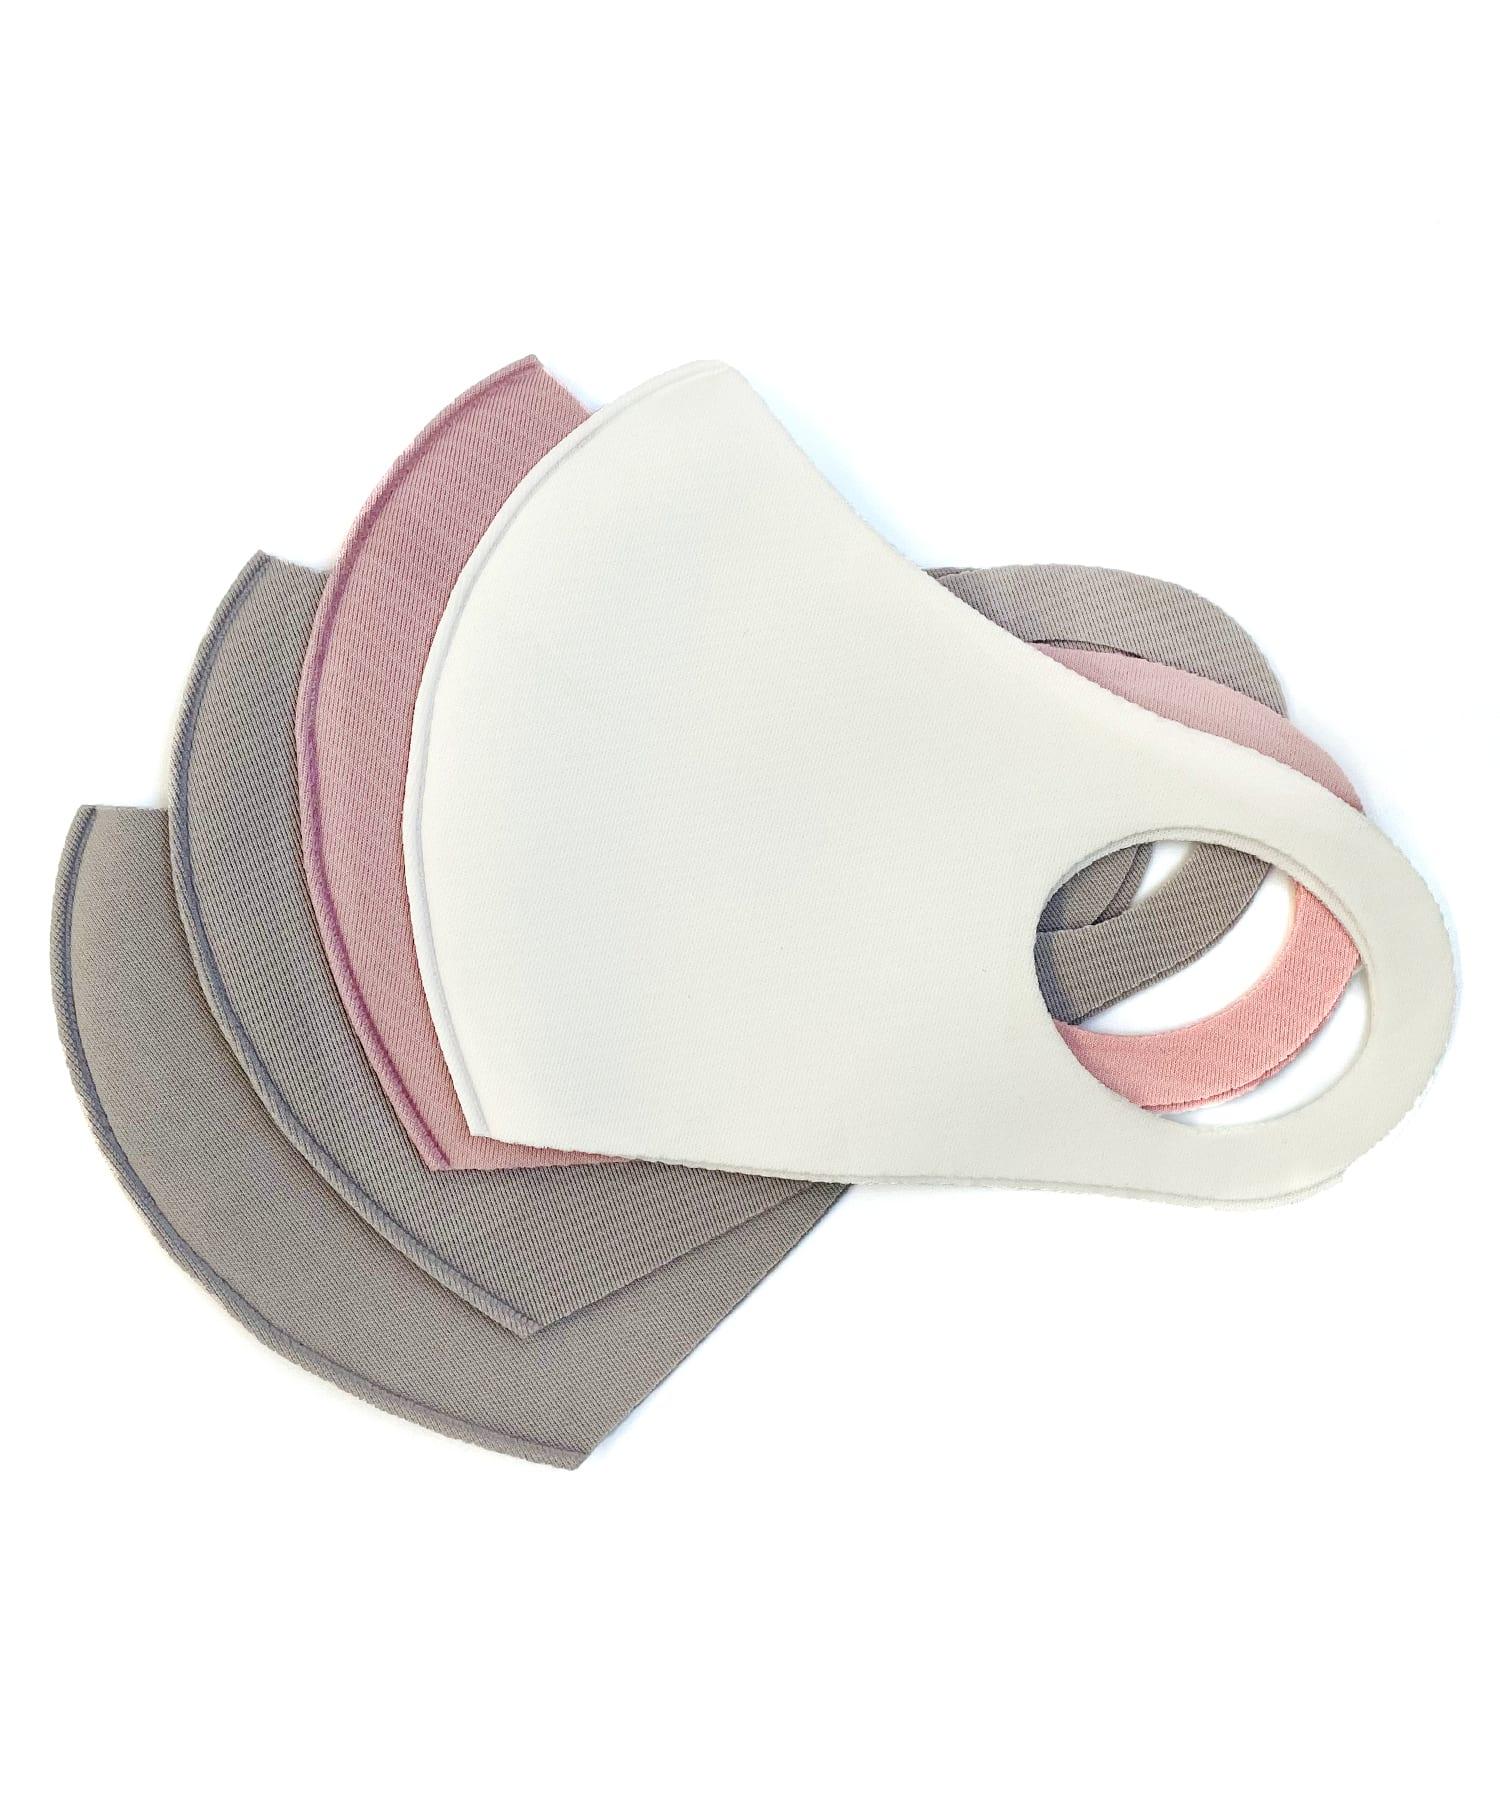 3COINS(スリーコインズ) ライフスタイル 【普通サイズ】洗えるマスク4枚入 その他